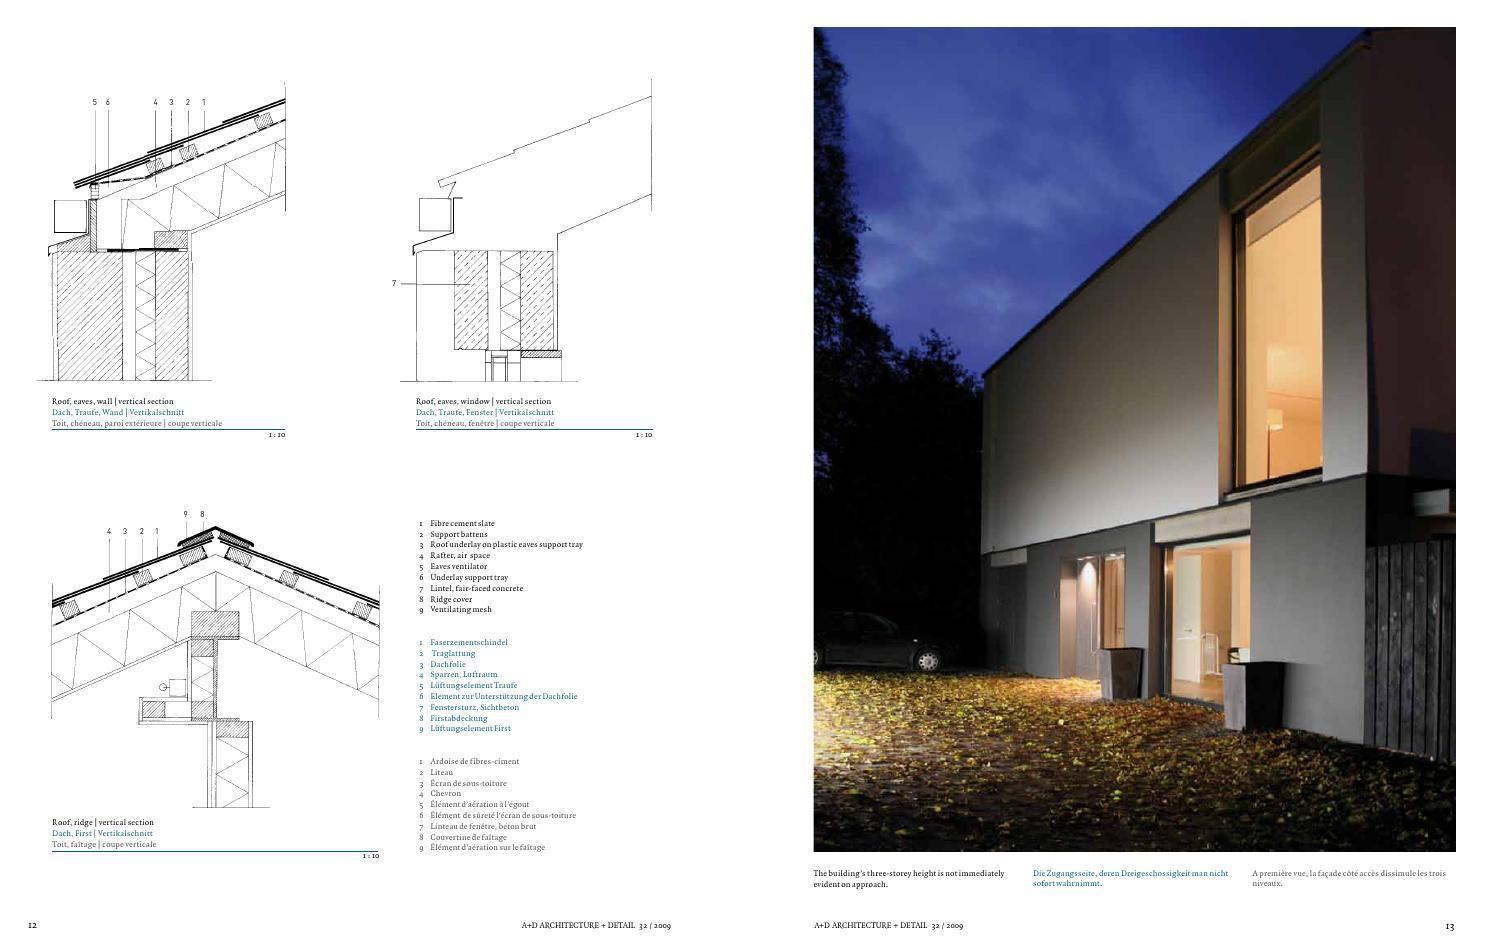 architecture & detail magazine - issue 36 | details magazine, Innenarchitektur ideen